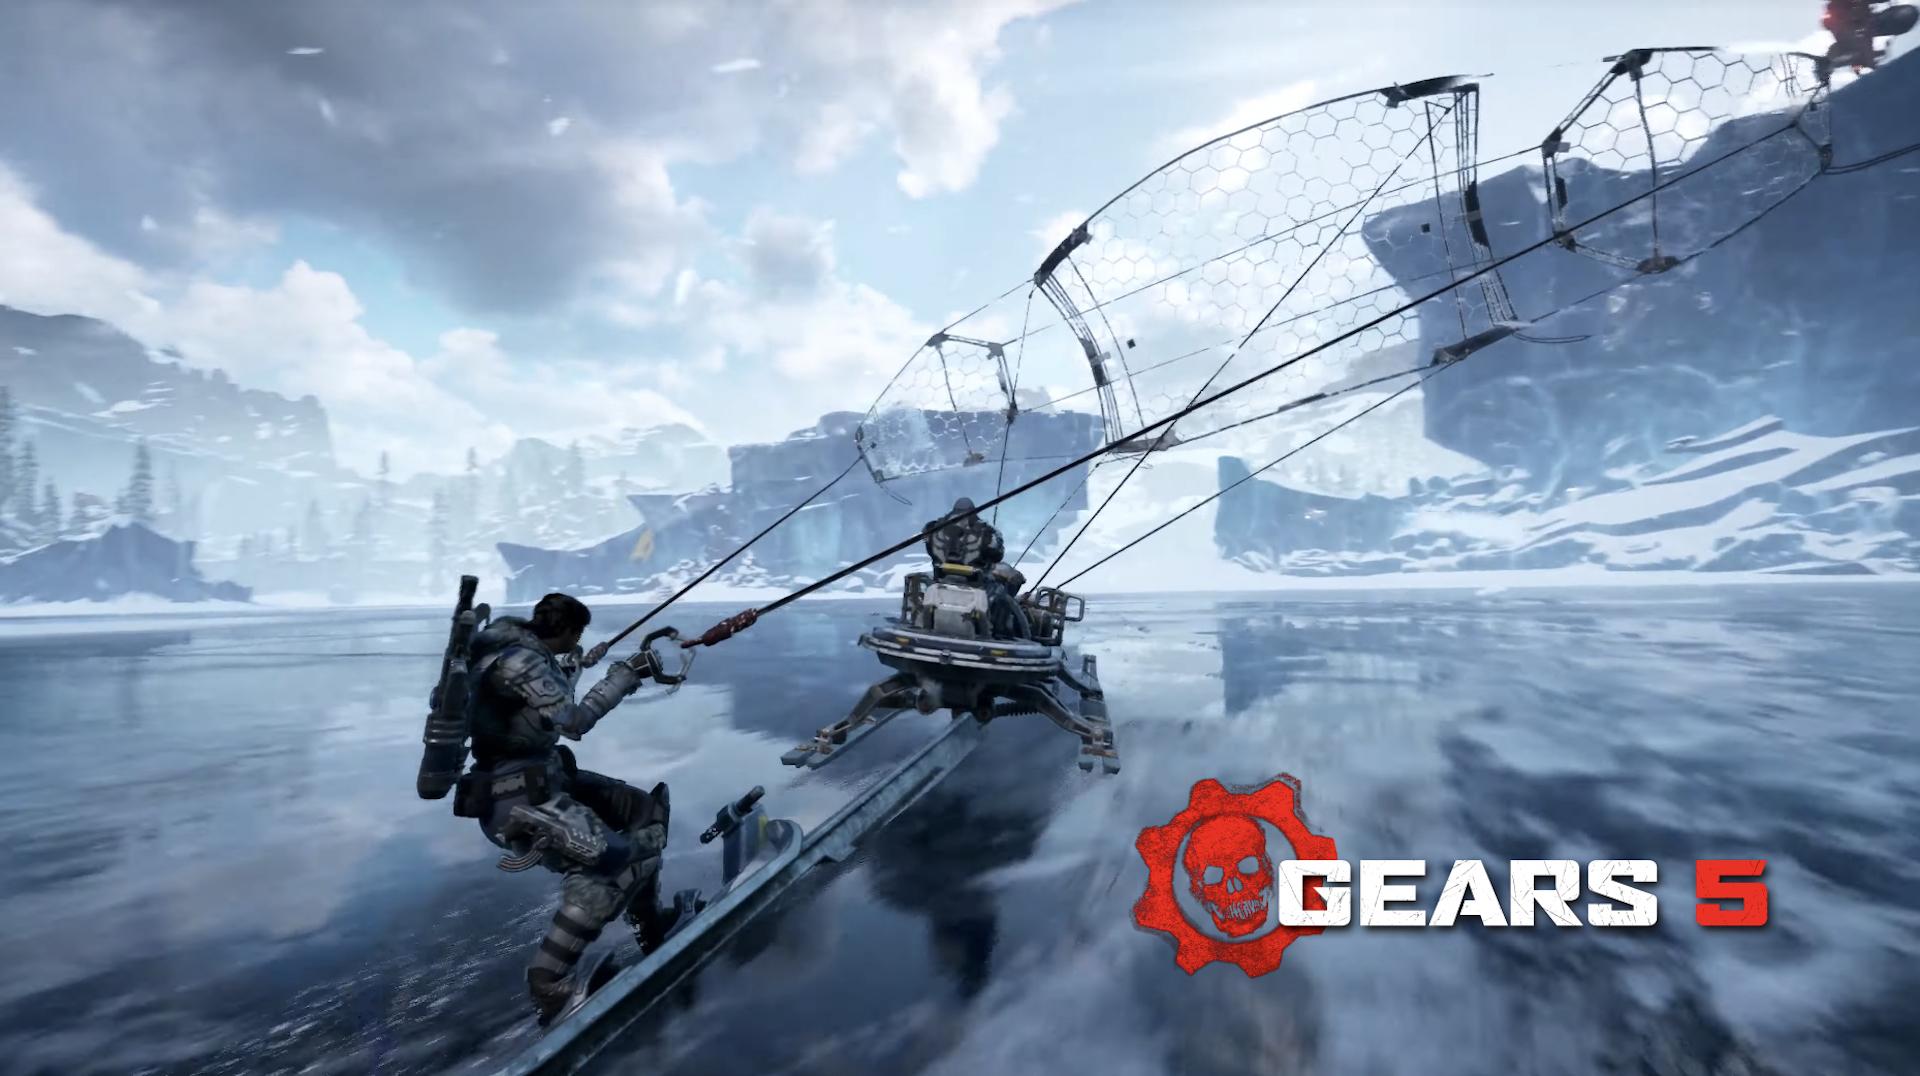 《战争机器》后续将继续发挥玩家选项和开放世界